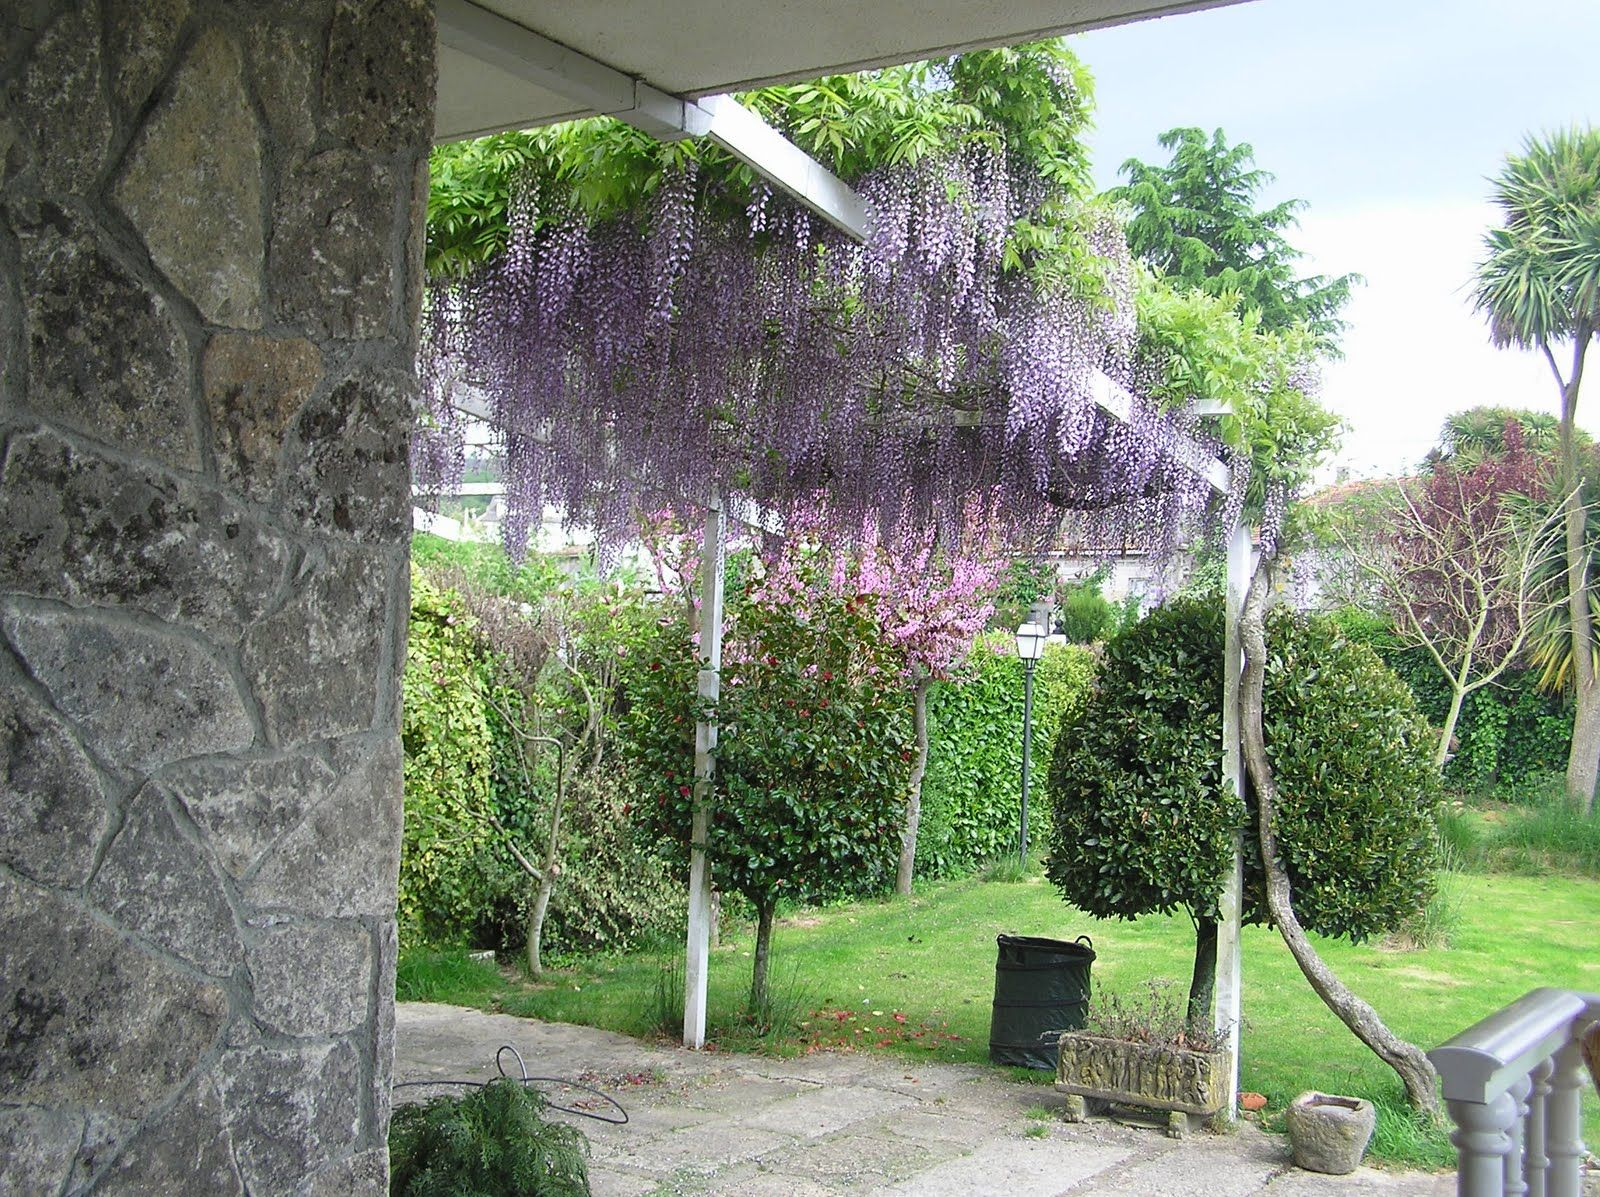 Enredaderas o trepadoras para cubrir pared en jardin - Terrazas y jardines ...